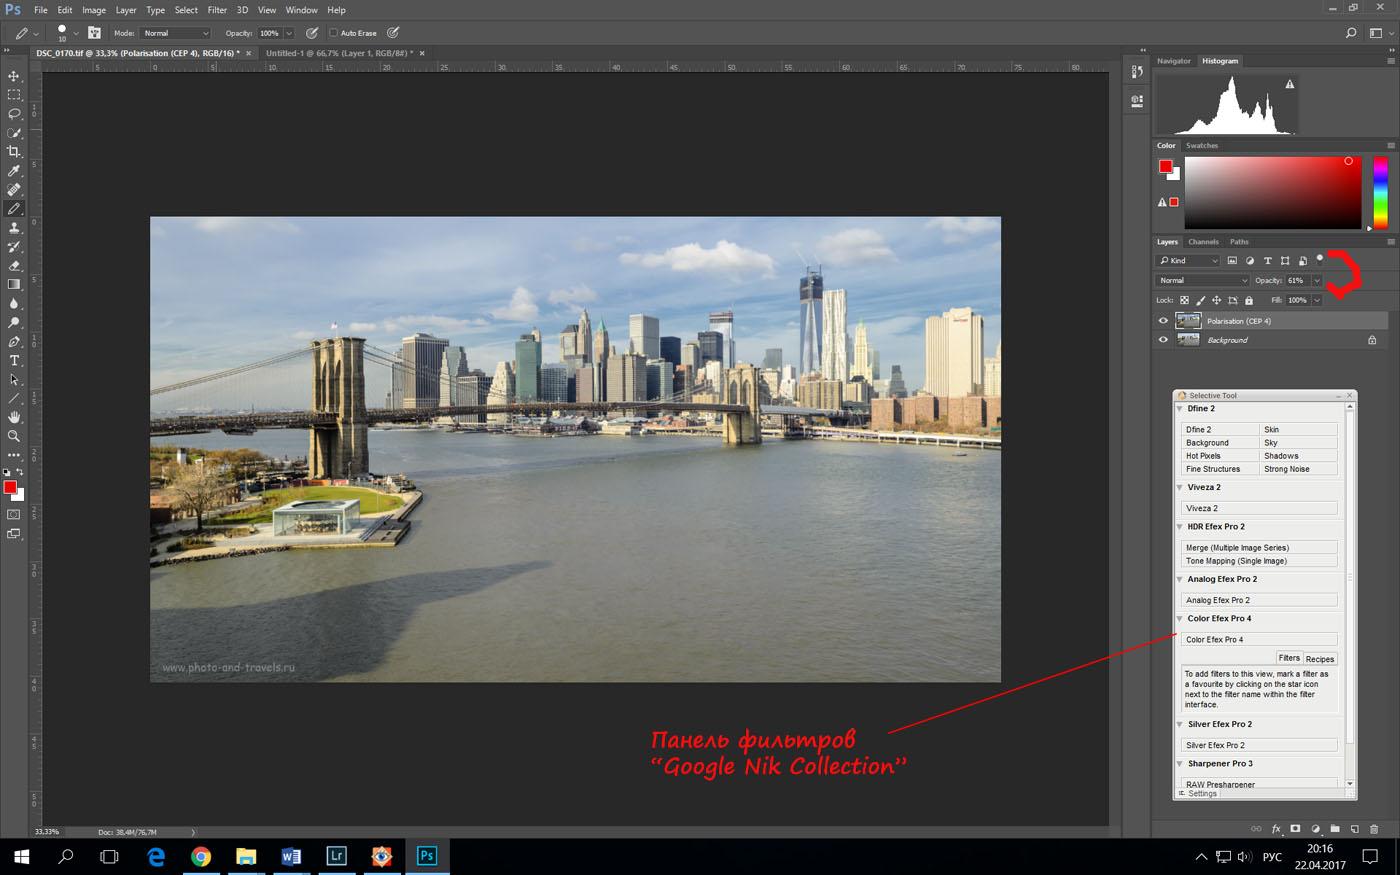 """14.1. Чтобы небо не получилось слишком кислотным, в Photoshop уменьшаю прозрачность слоя с фильтром """"Polarisation""""."""